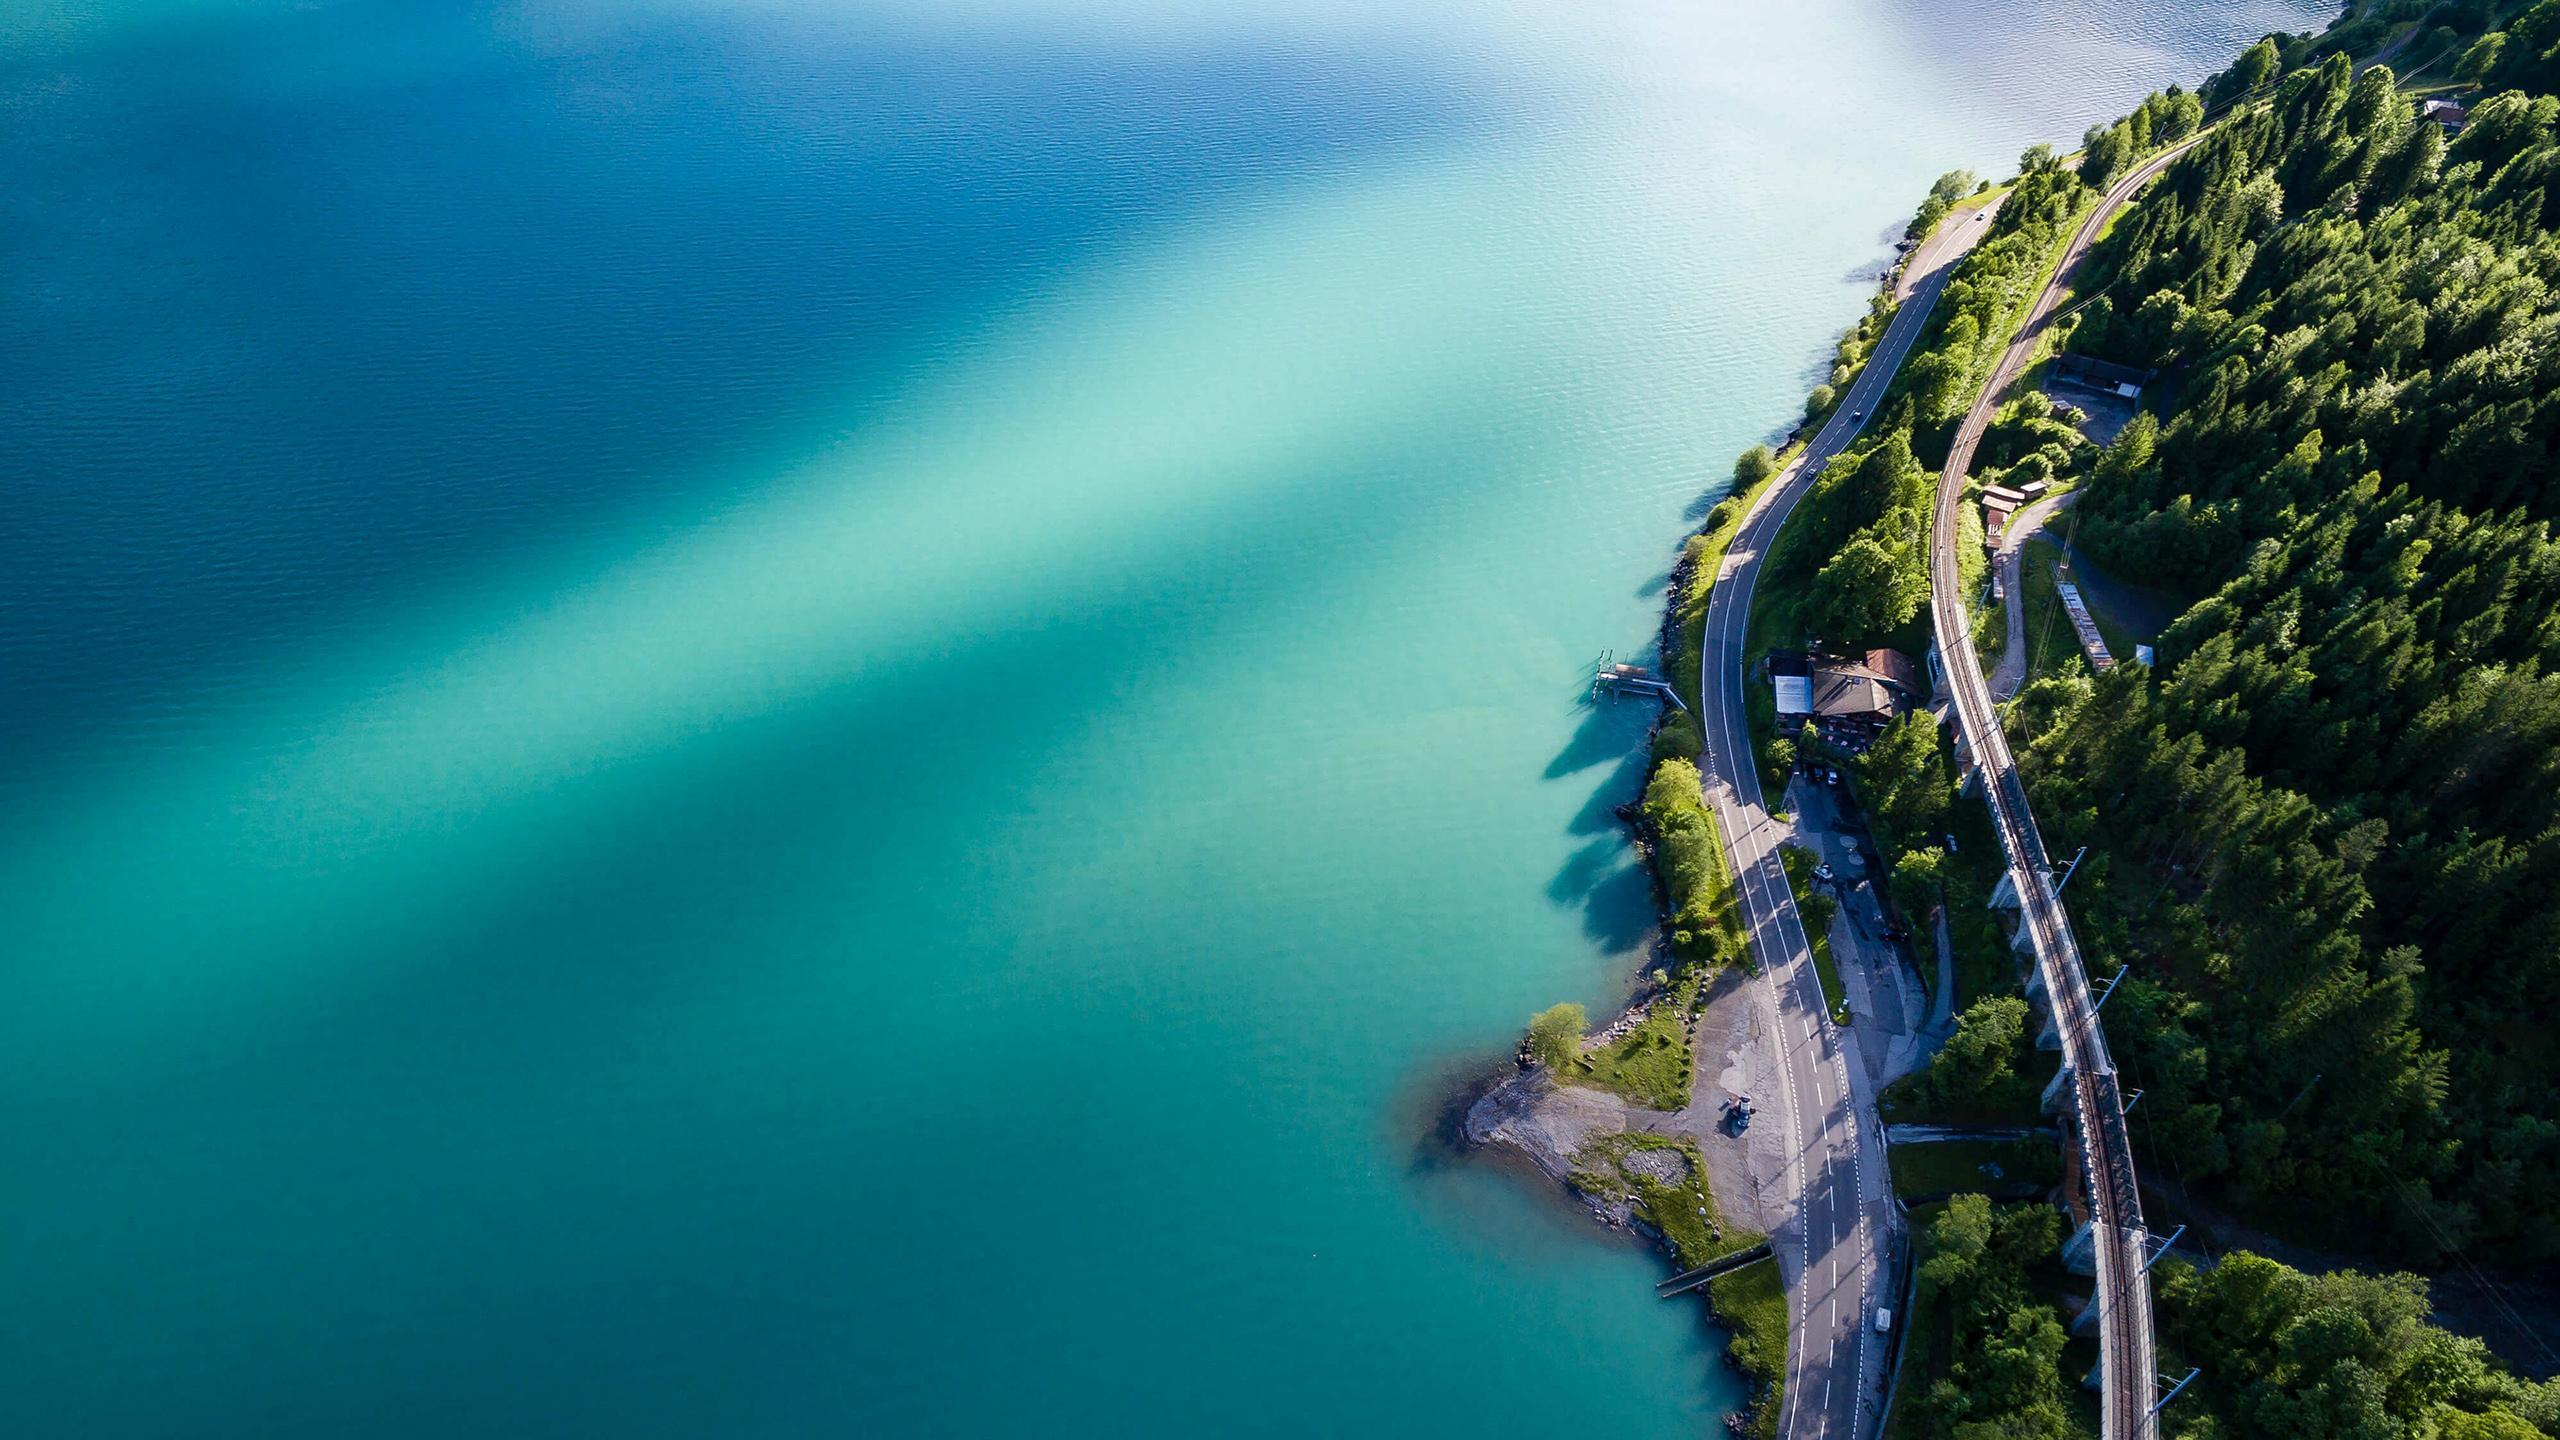 海岸风景航拍摄影高清宽屏壁纸